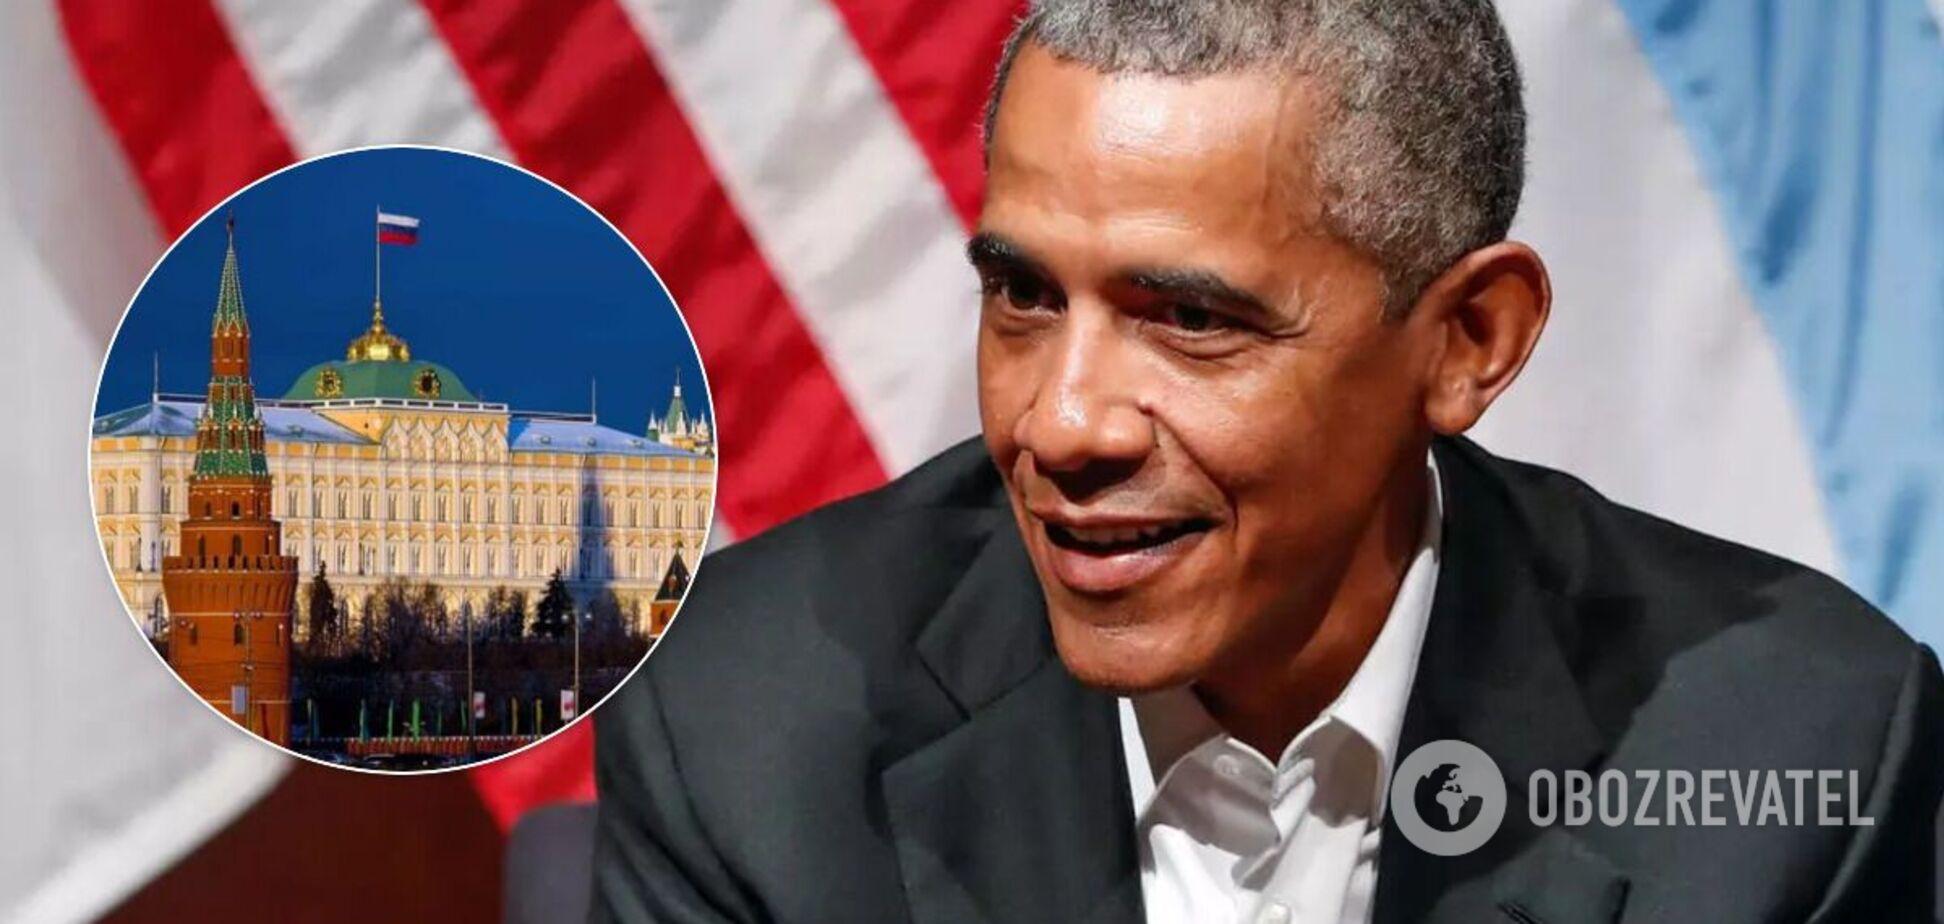 Обама заявил, что РФ больше не является сверхдержавой